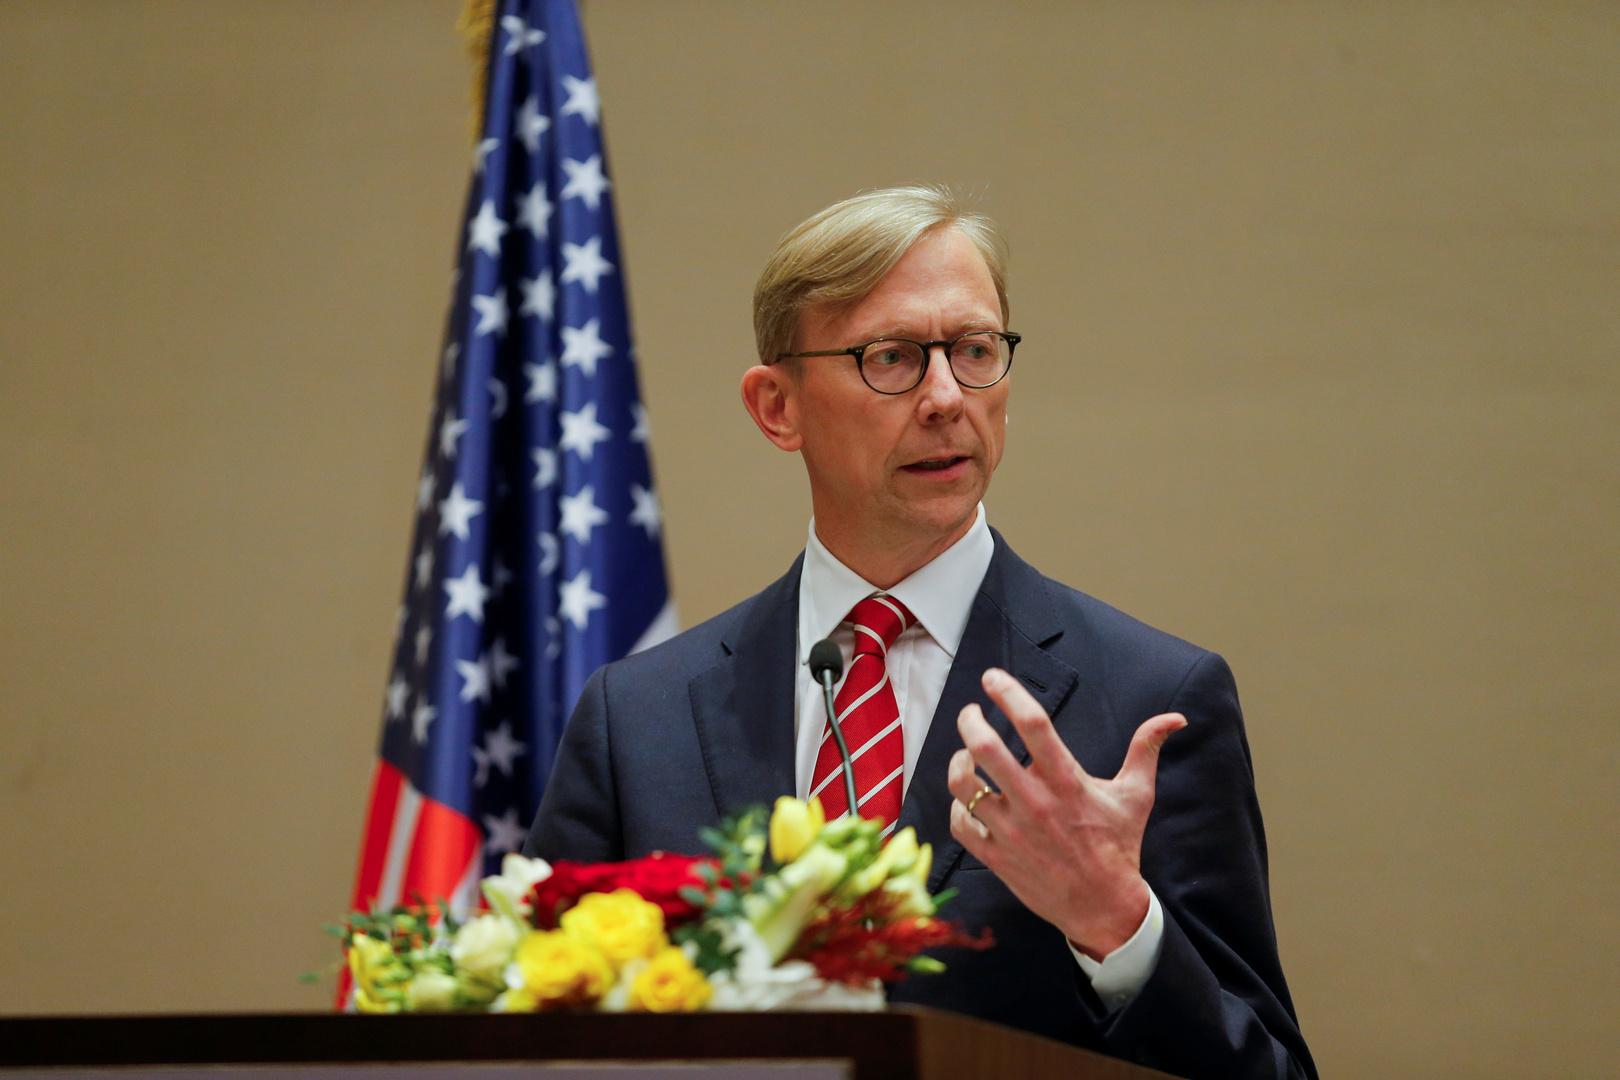 المبعوث الأمريكي لشؤون إيران يترك منصبه